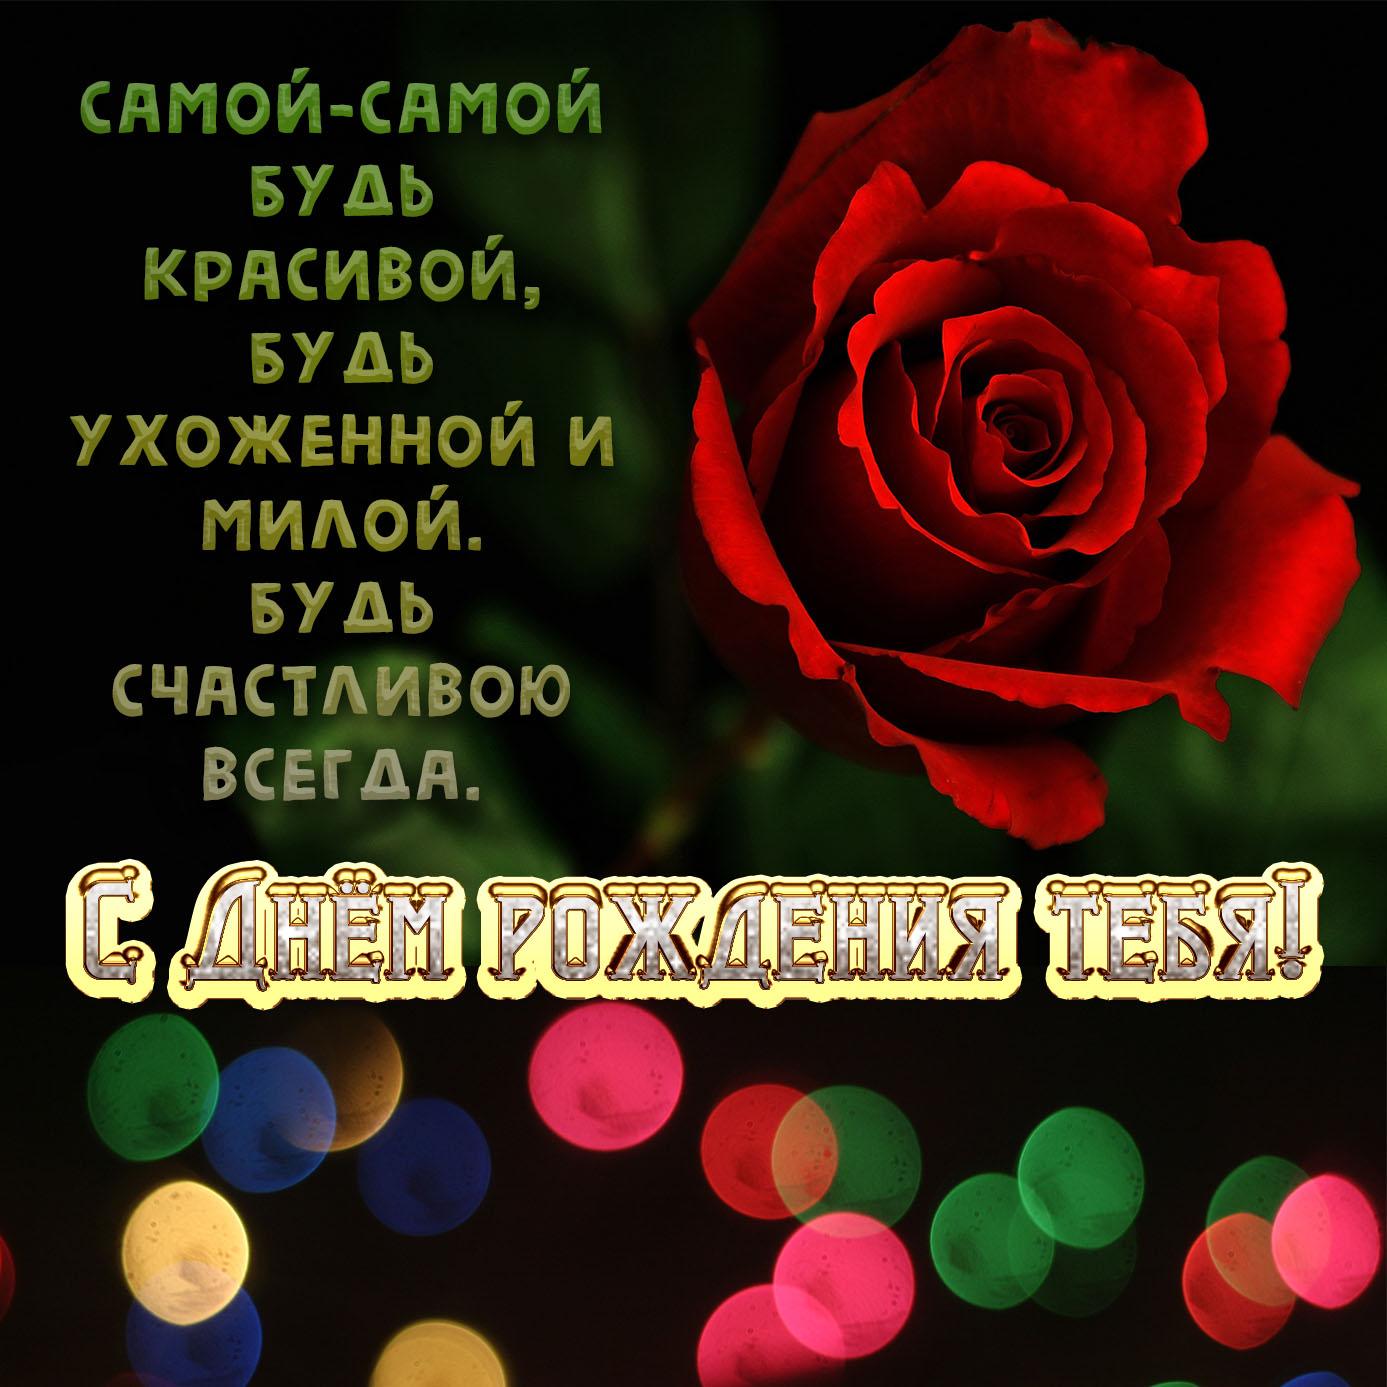 Картинка с розой и пожеланием для девушки